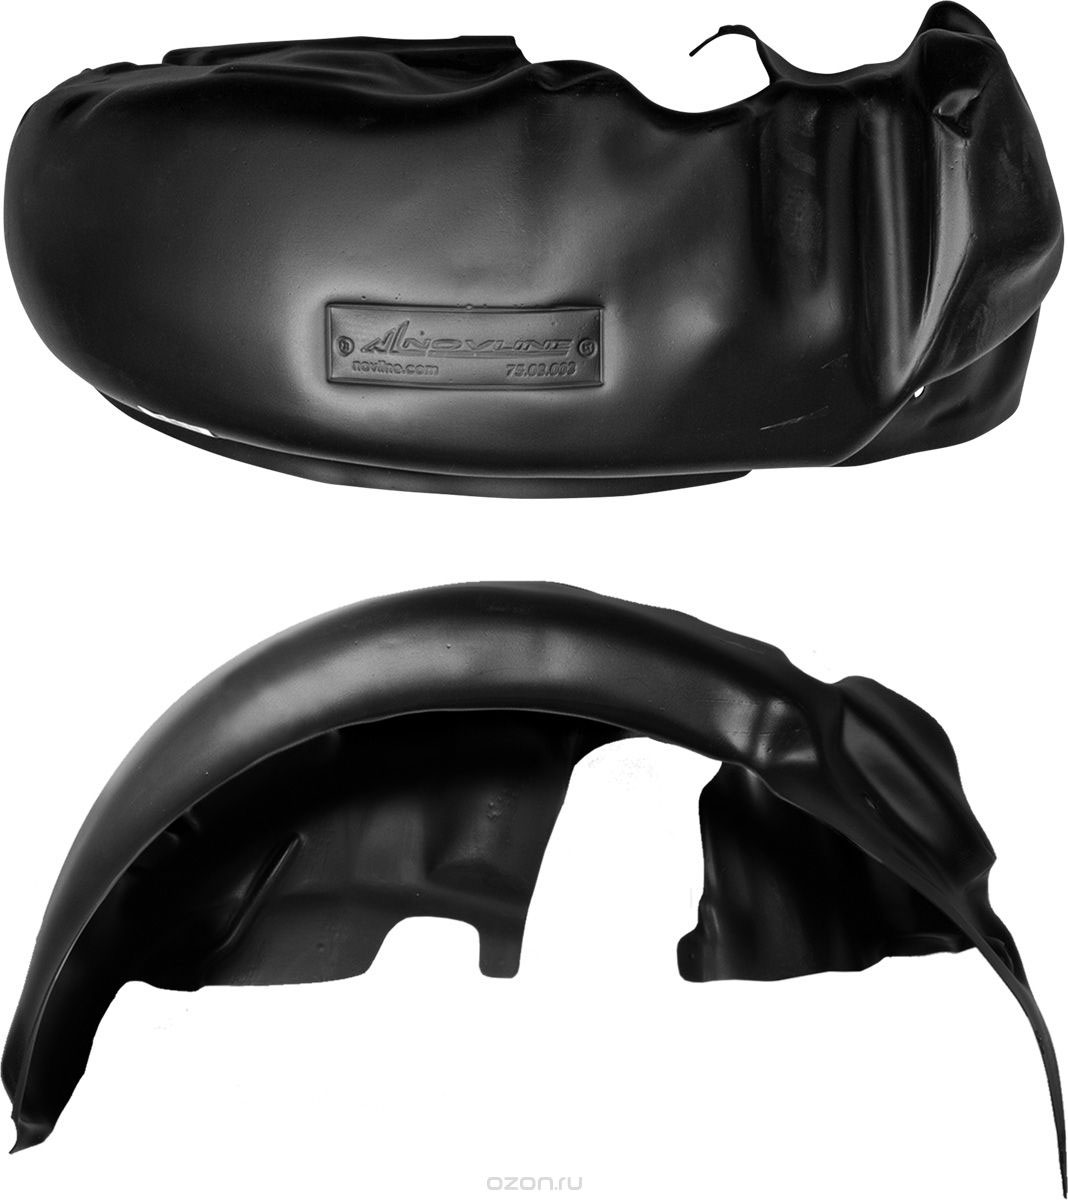 Подкрылок Novline-Autofamily, для Mazda CX-5, 03/2015->, задний левыйNLL.33.21.003Идеальная защита колесной ниши. Локеры разработаны с применением цифровых технологий, гарантируют максимальную повторяемость поверхности арки. Изделия устанавливаются без нарушения лакокрасочного покрытия автомобиля, каждый подкрылок комплектуется крепежом. Уважаемые клиенты, обращаем ваше внимание, что фотографии на подкрылки универсальные и не отражают реальную форму изделия. При этом само изделие идет точно под размер указанного автомобиля.